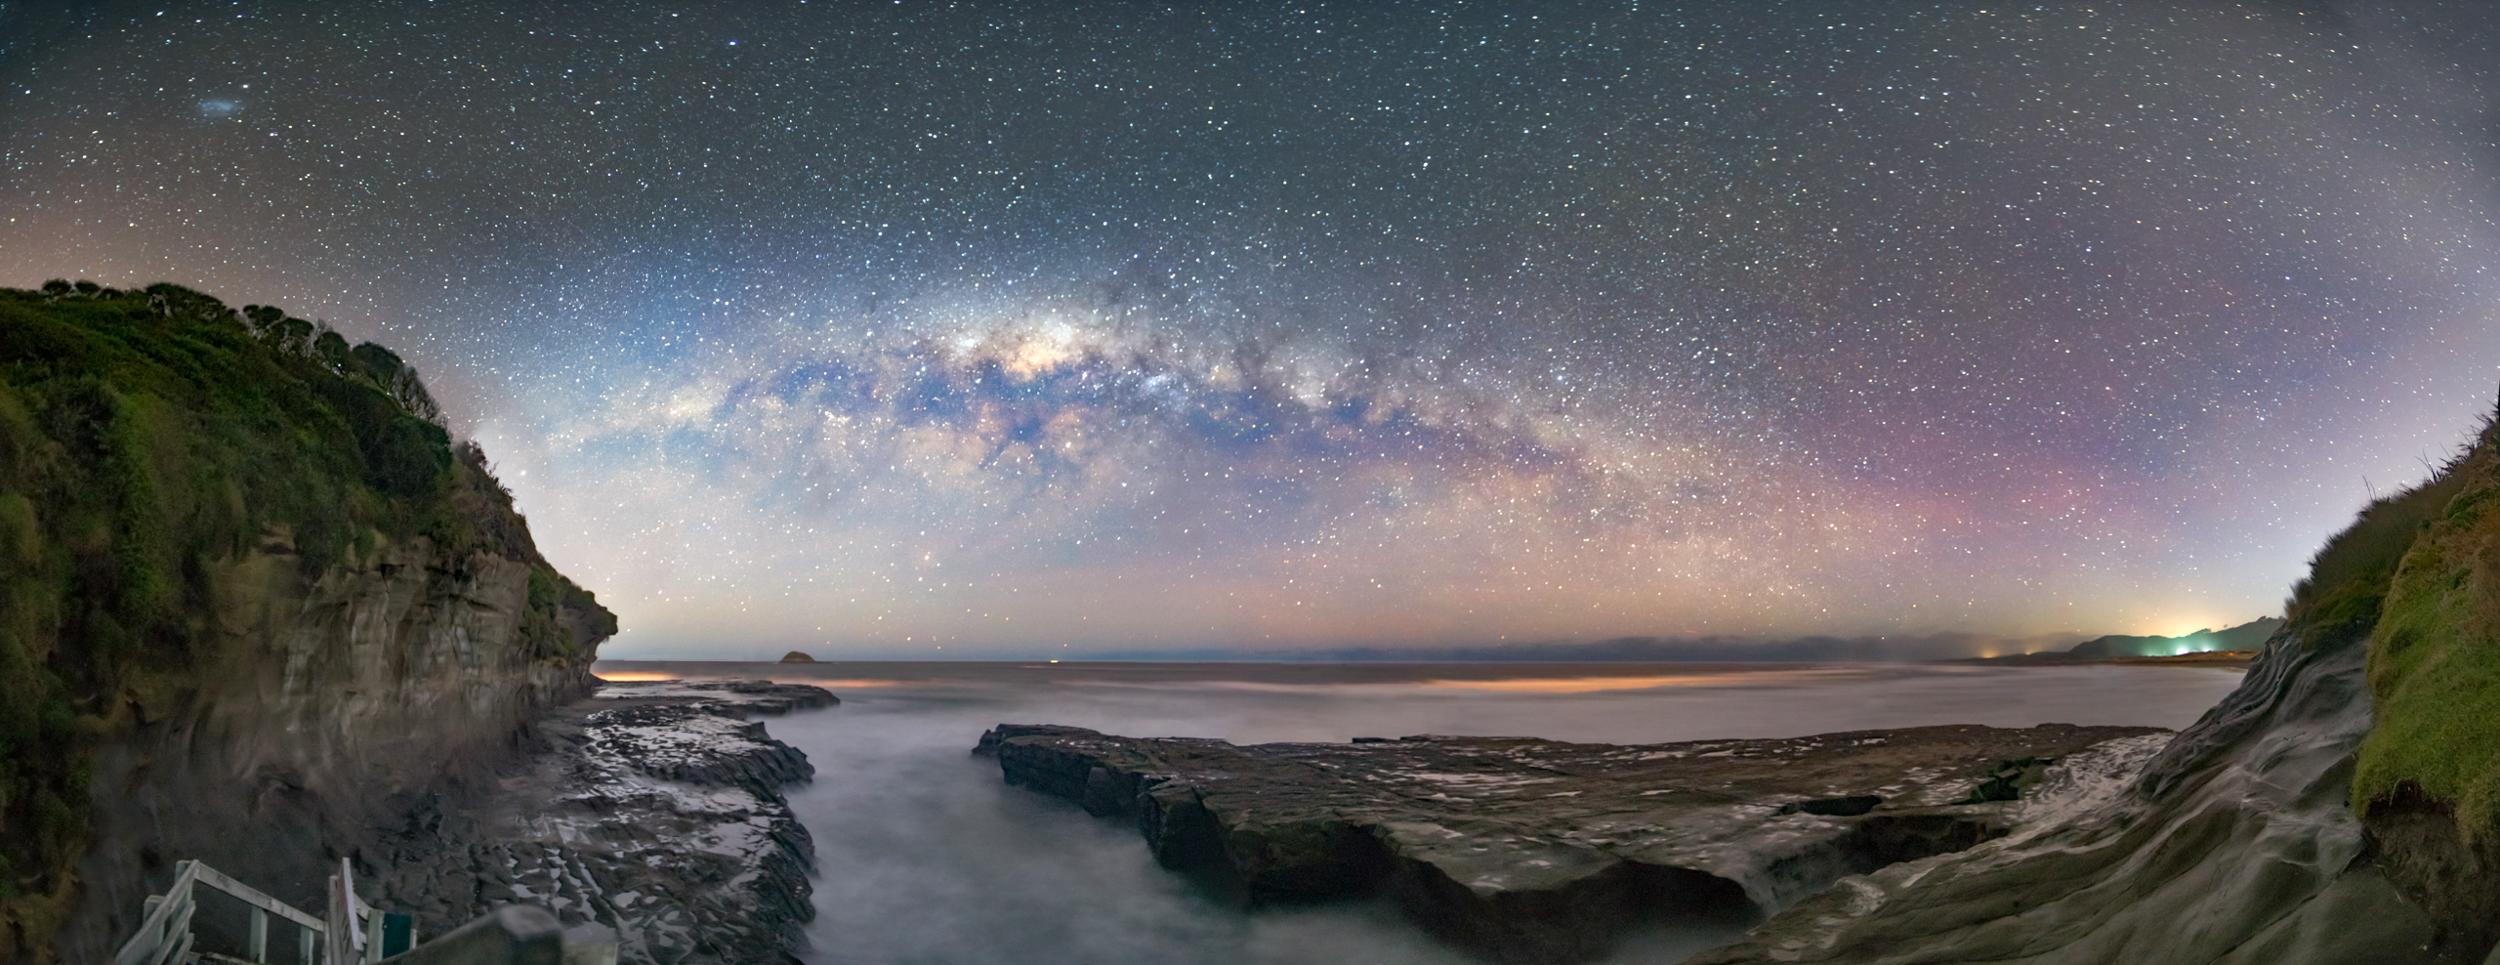 P1130423 Panorama.jpg